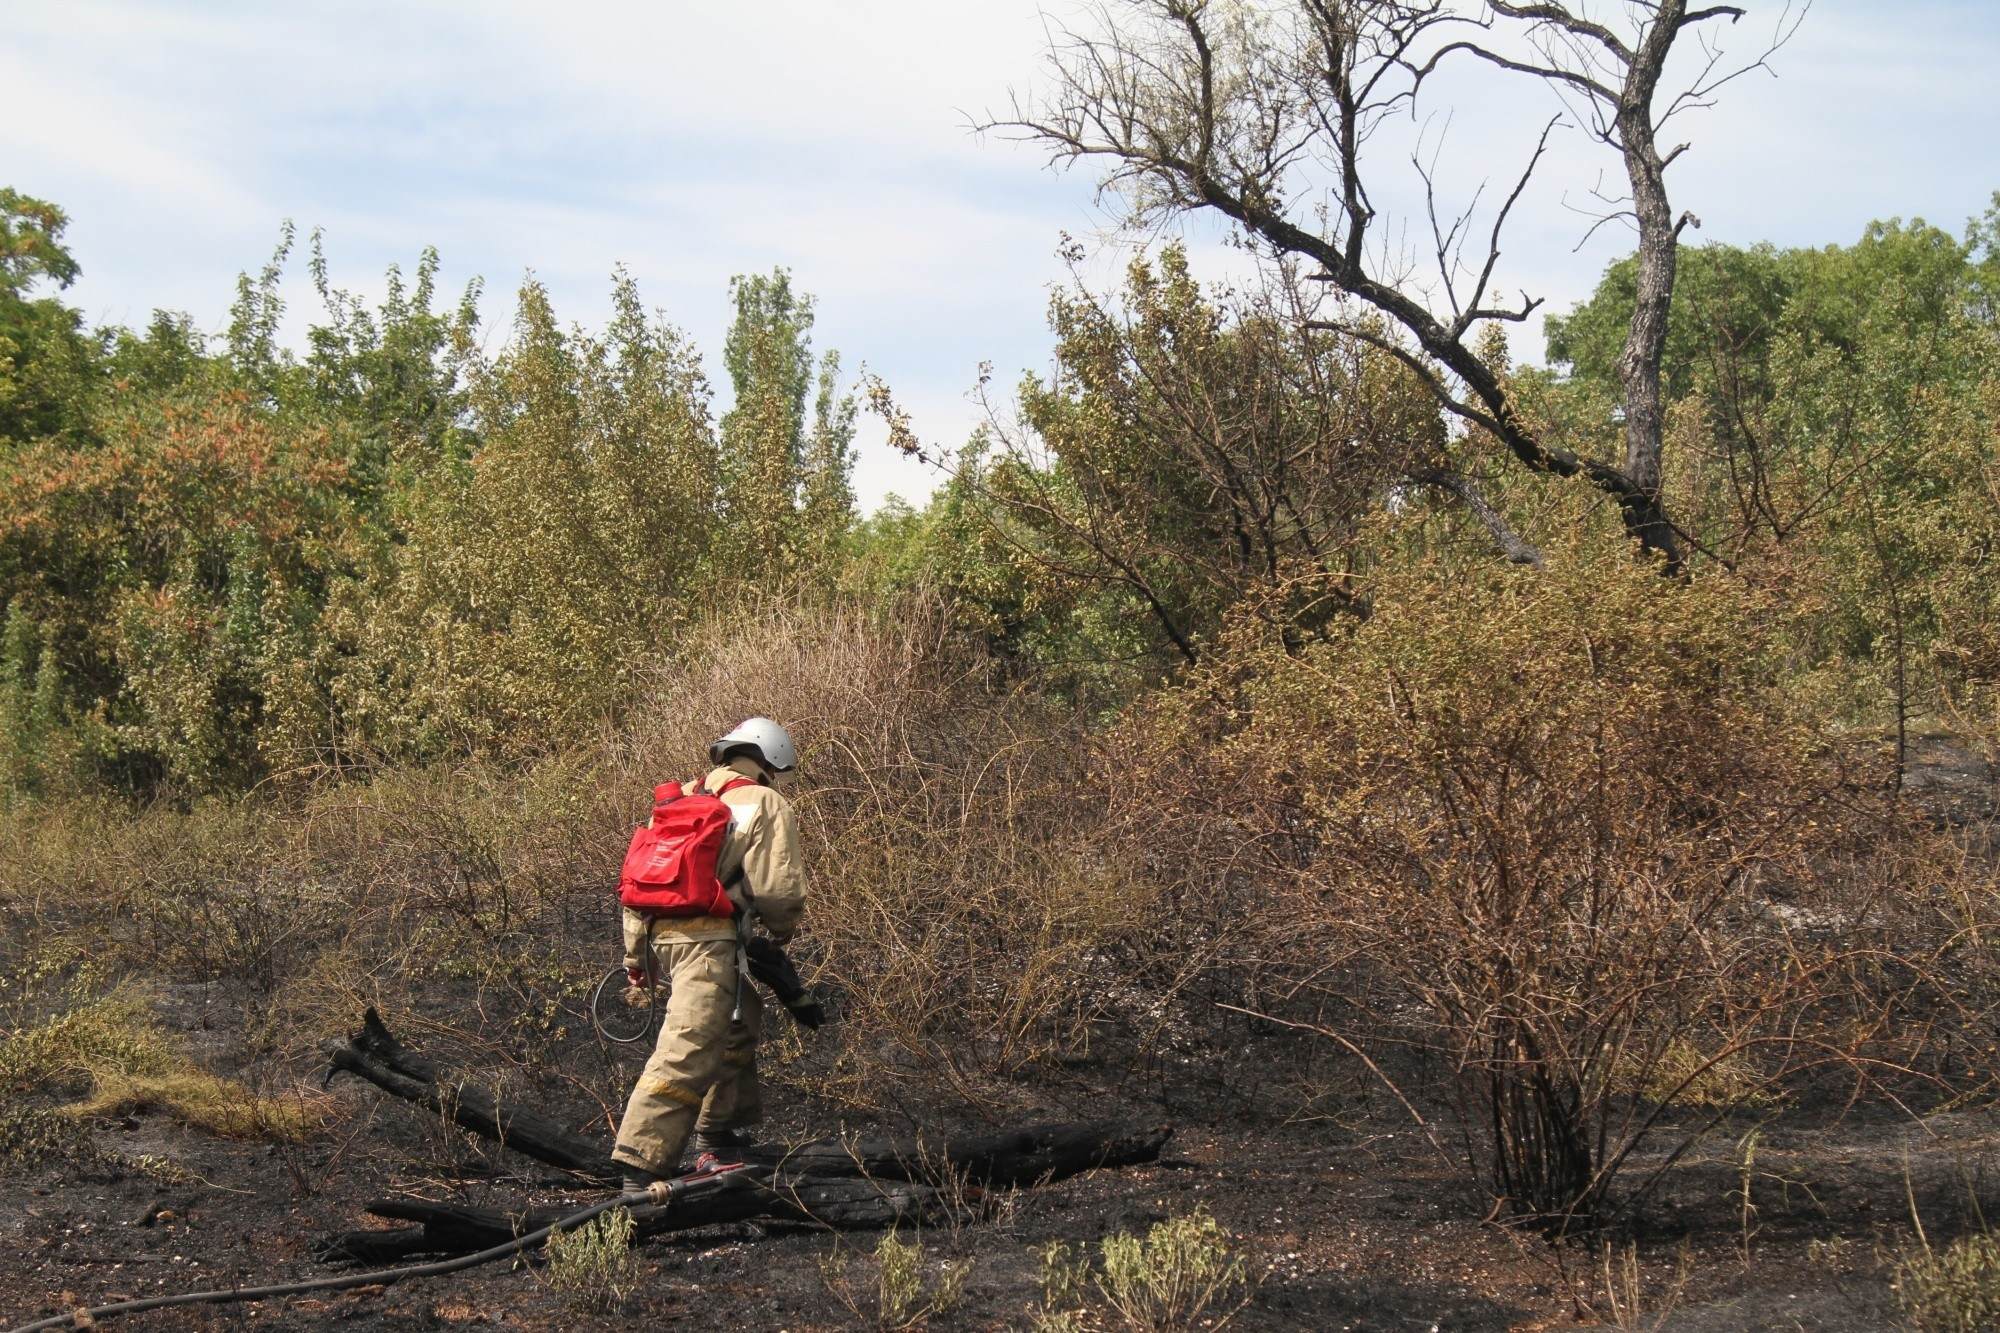 Почти 6 гектаров сухой травы и растительности сгорело за сутки в Севастополе